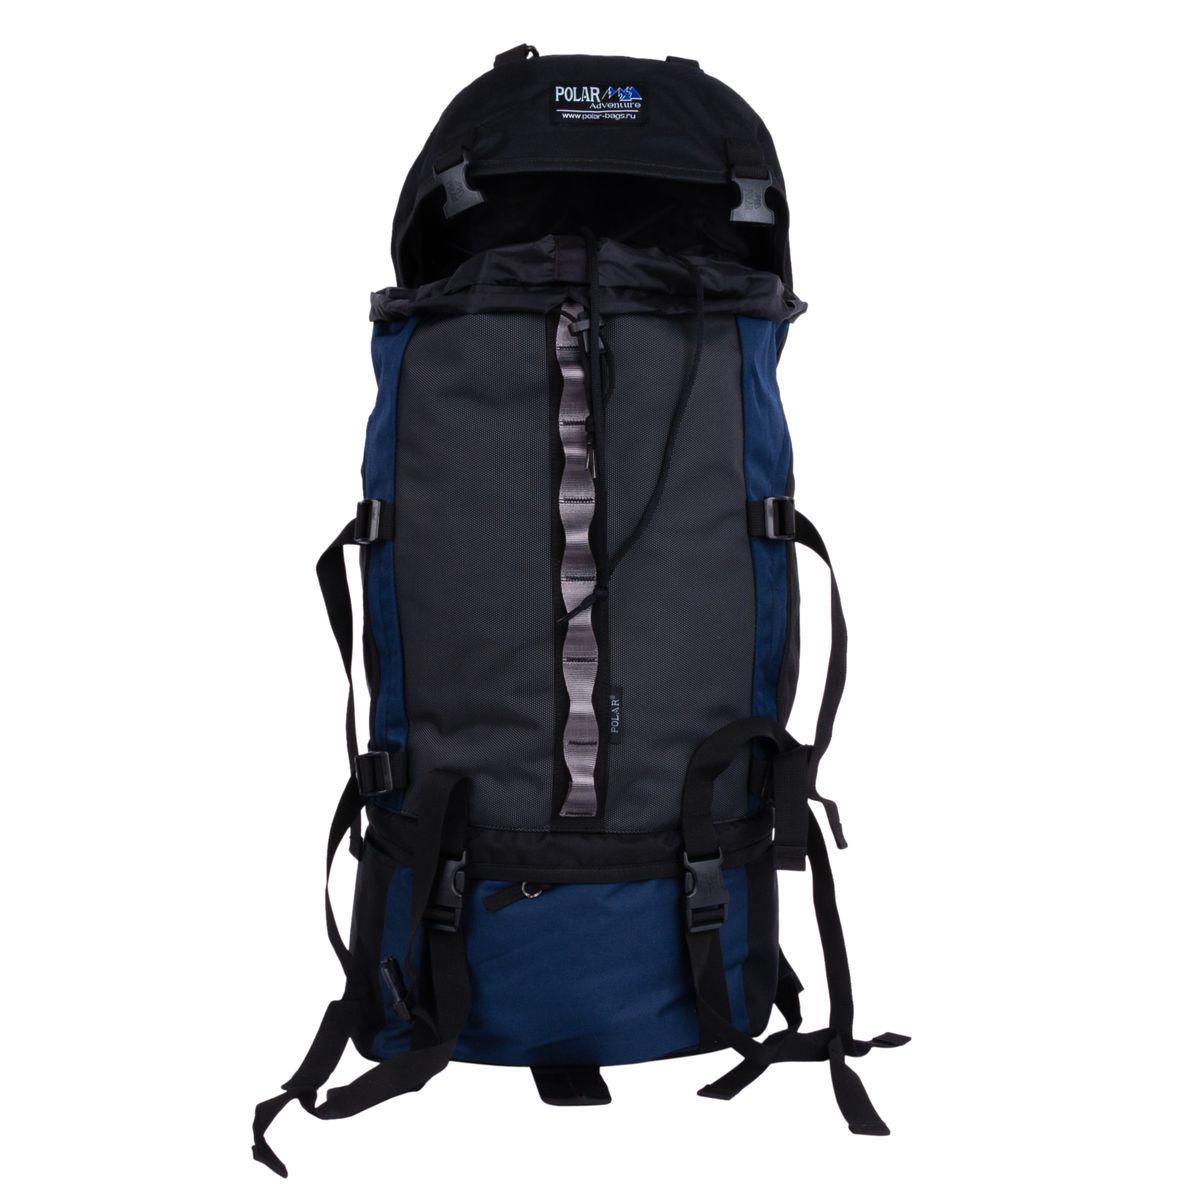 Рюкзак экспедиционный Polar, 50 л, цвет: синий. П931-04